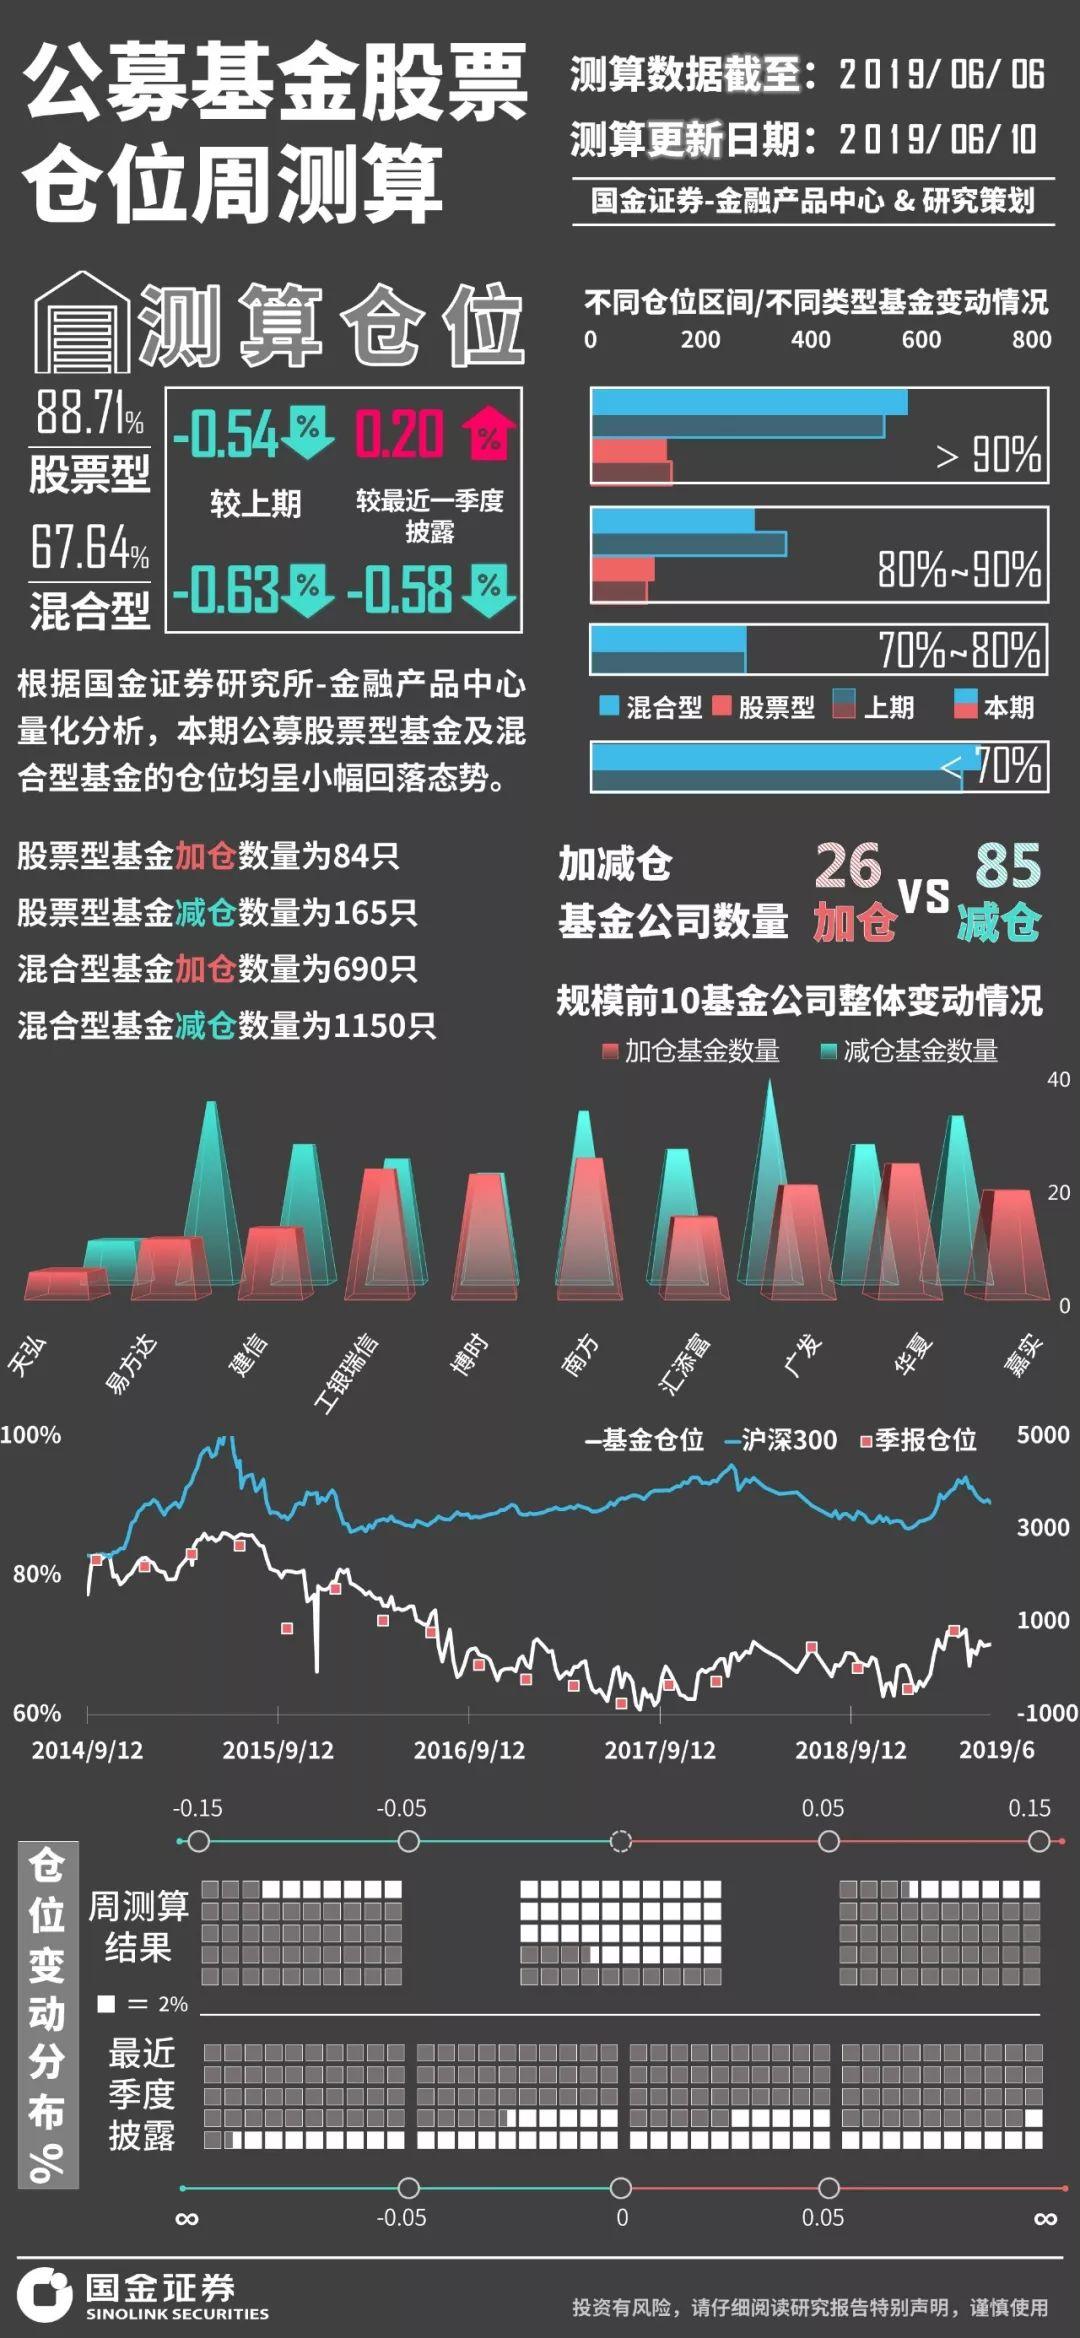 股票 基金 电子书_长盛电子信息产业股票基金_股票和基金